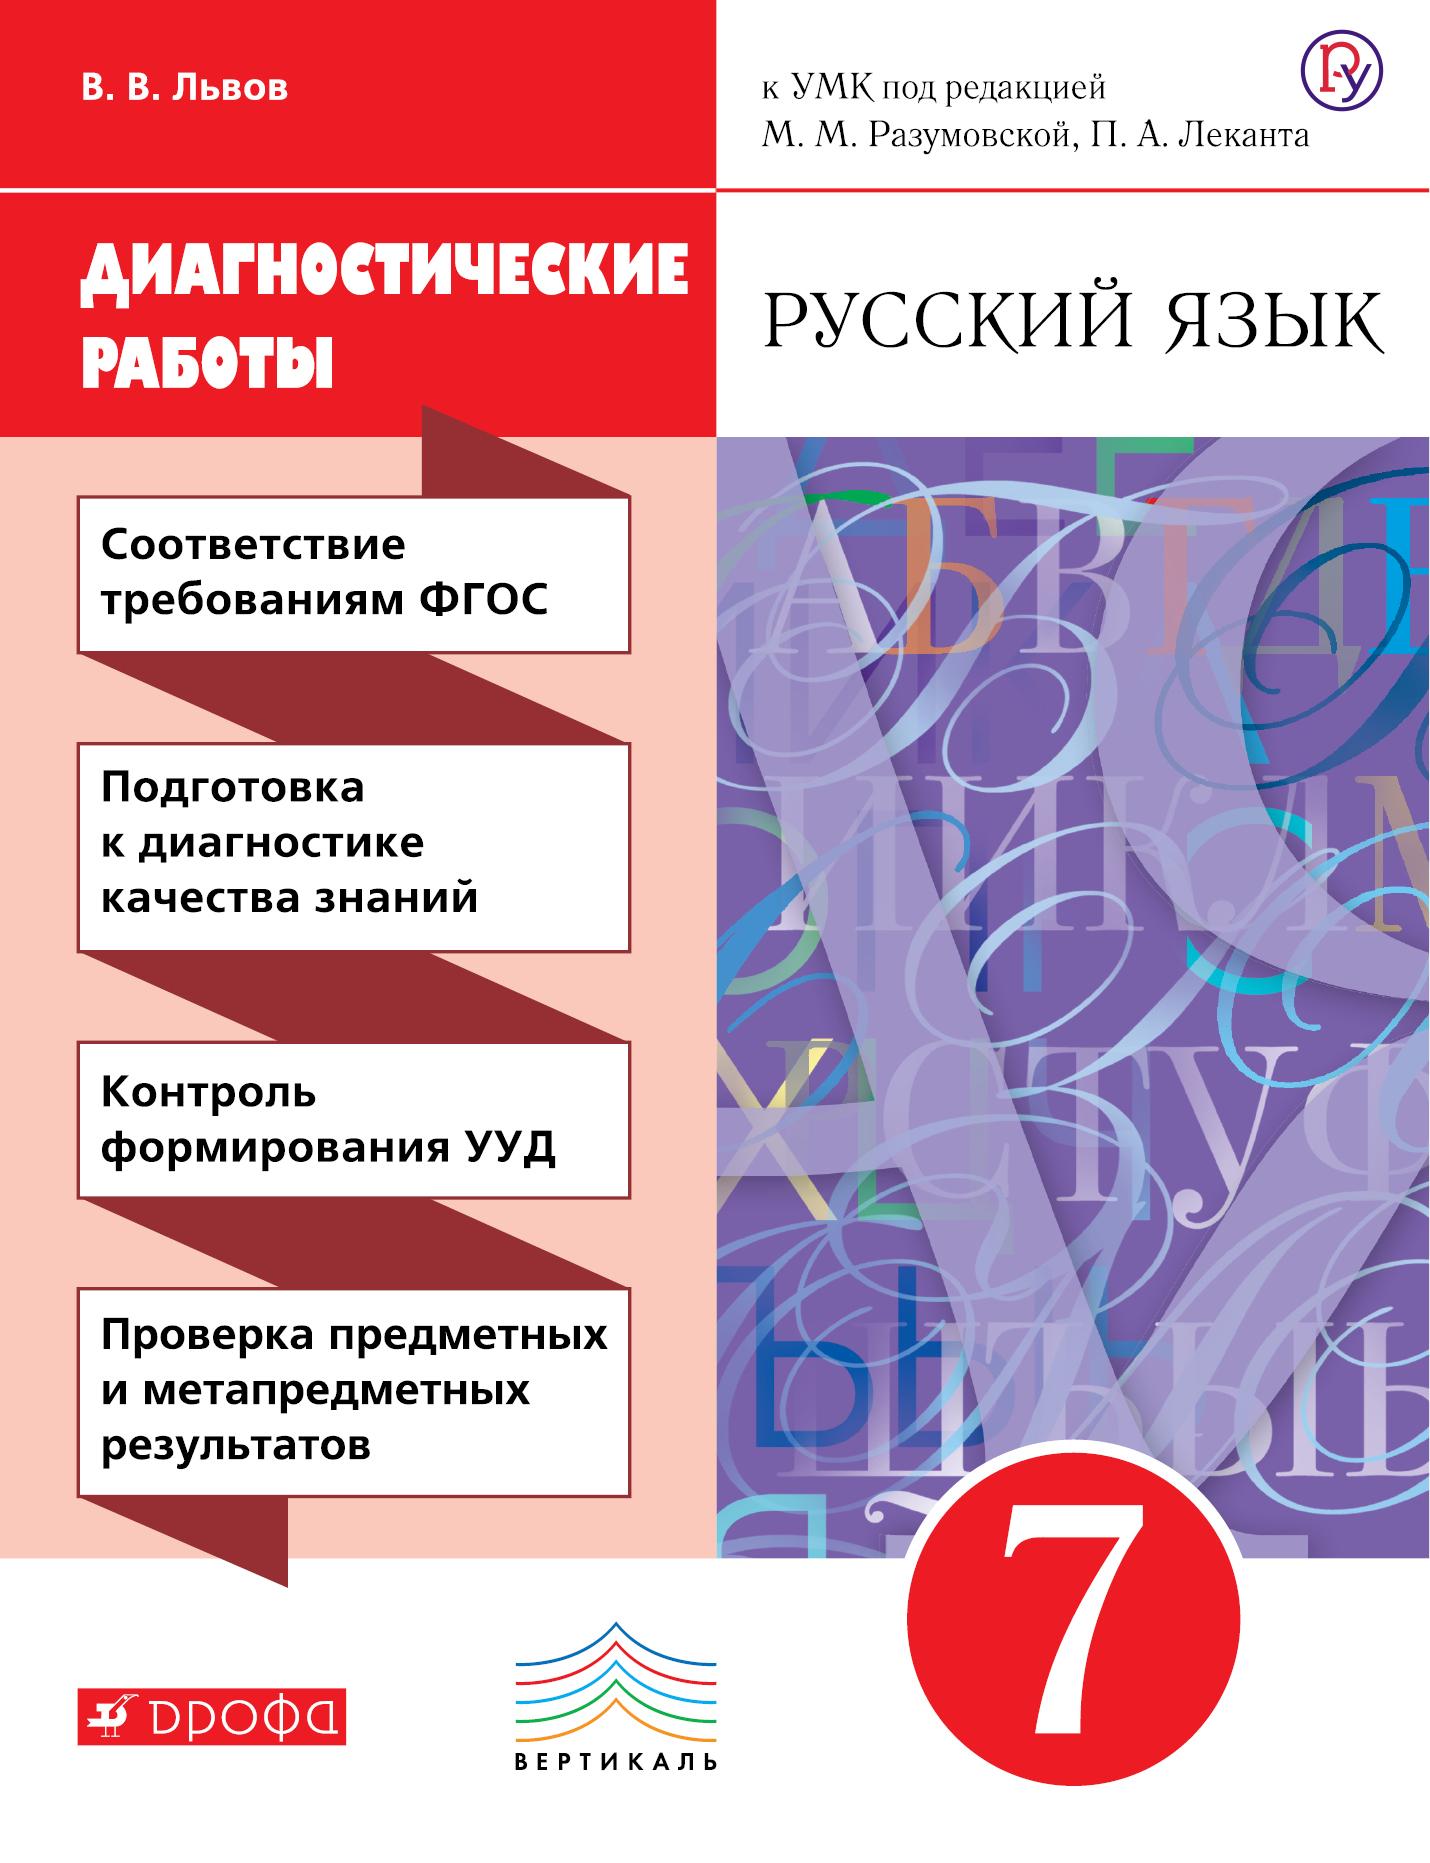 Диагностическая работа по русскому языку 9 класс 27 сентября 2018 скачать